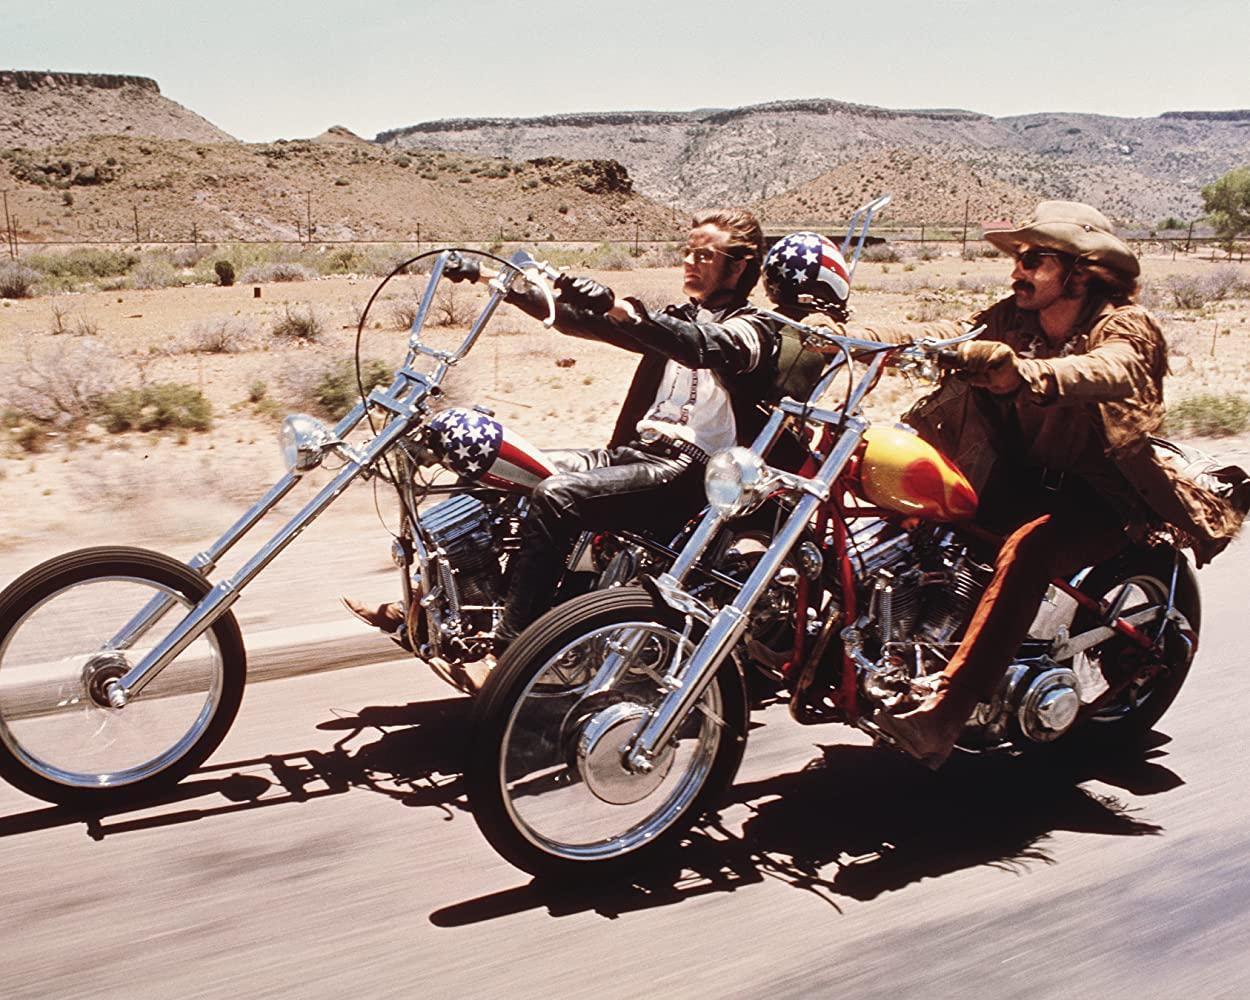 στιγμιότυπο από την ταινία Easy Rider